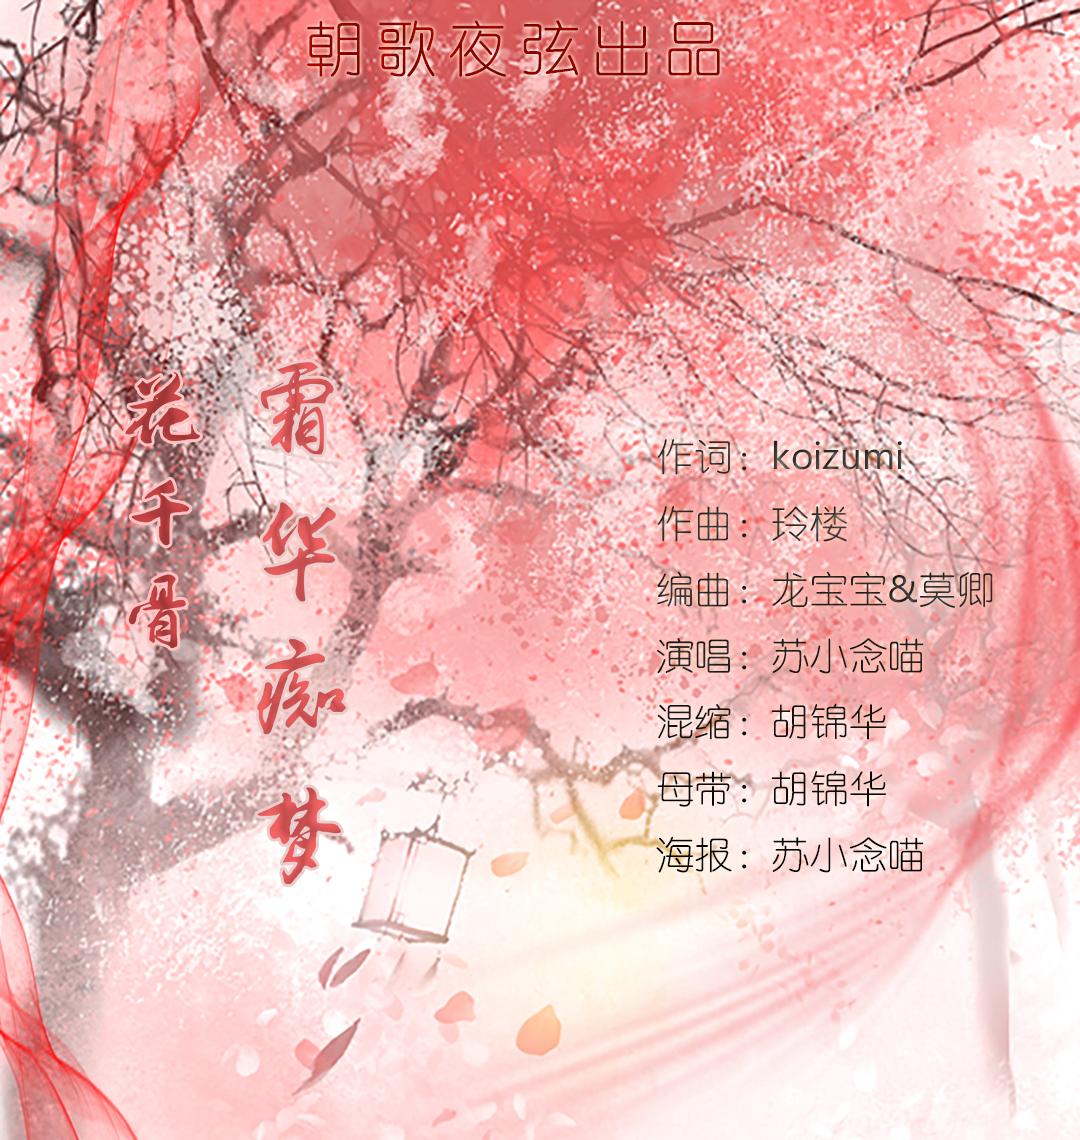 《花千骨之漫天似画》lazyyi_【衍生小说 言情小说】_... _手机版